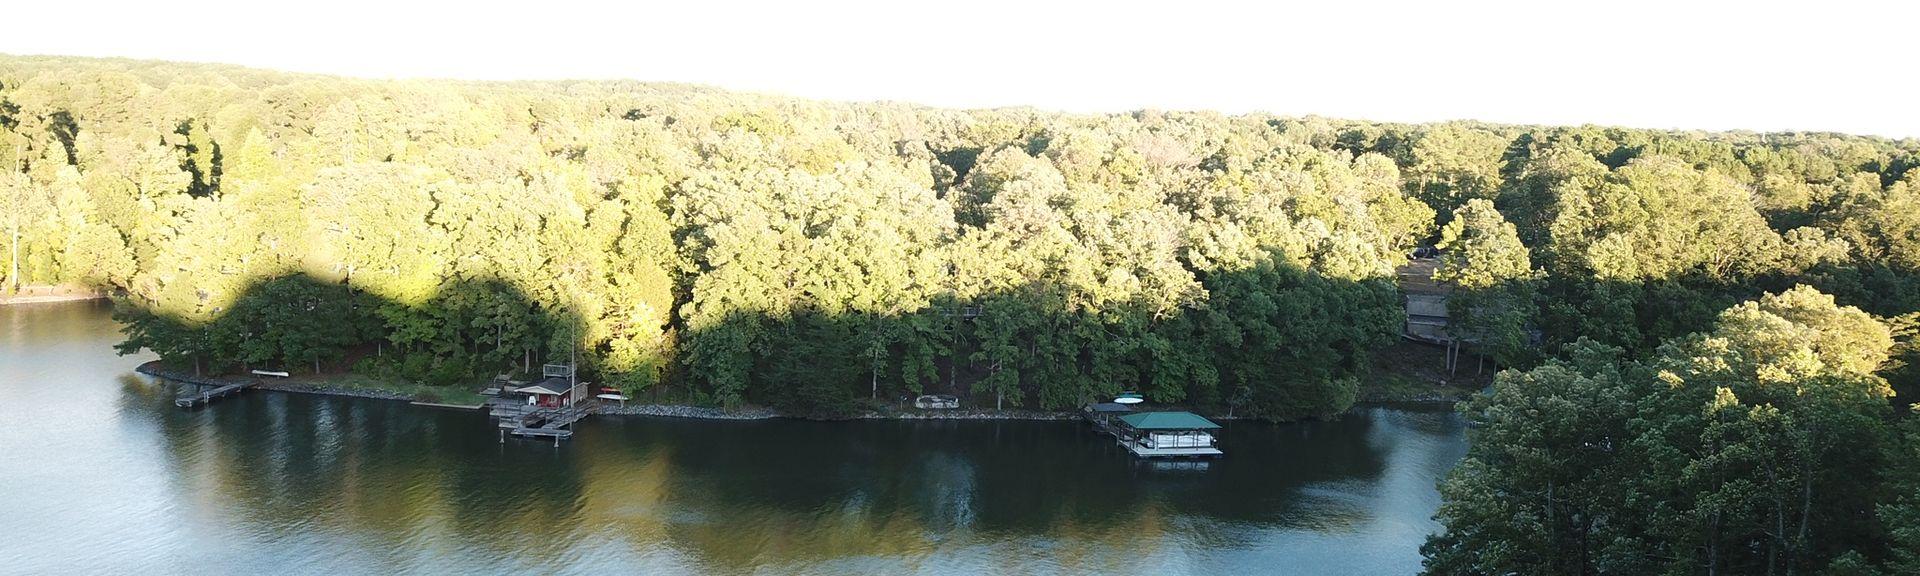 Lake Norman Visitors Center, Cornelius, NC, USA